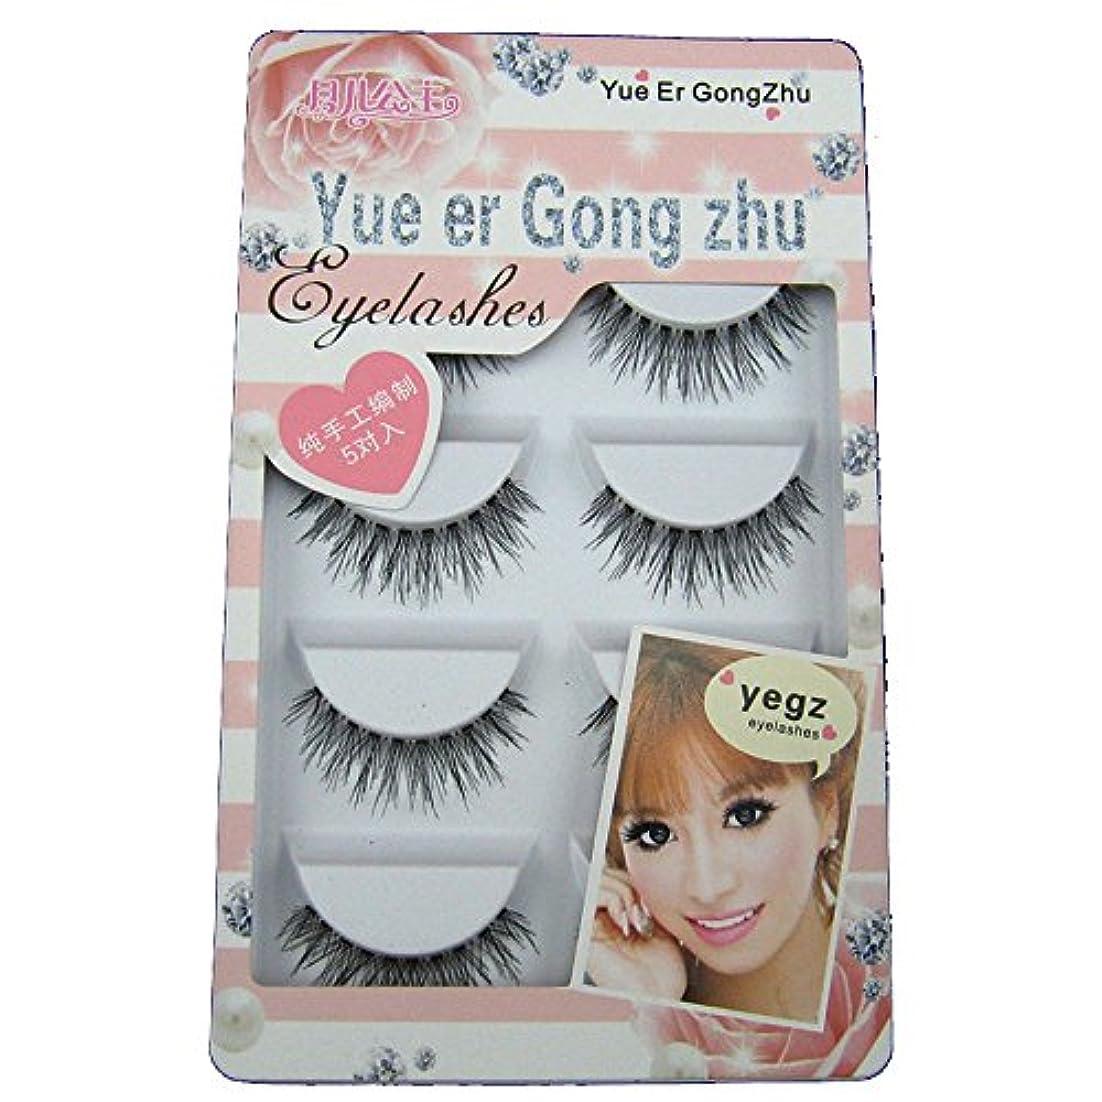 ペフ繁栄する相互接続Akane 5組 新和風 月の姫 Yue Er Gong Zhu 高品質 ブラック 濃密 使いやすい つけまつげ アイラッシュ Eyelashes (1cm-1.5cm)